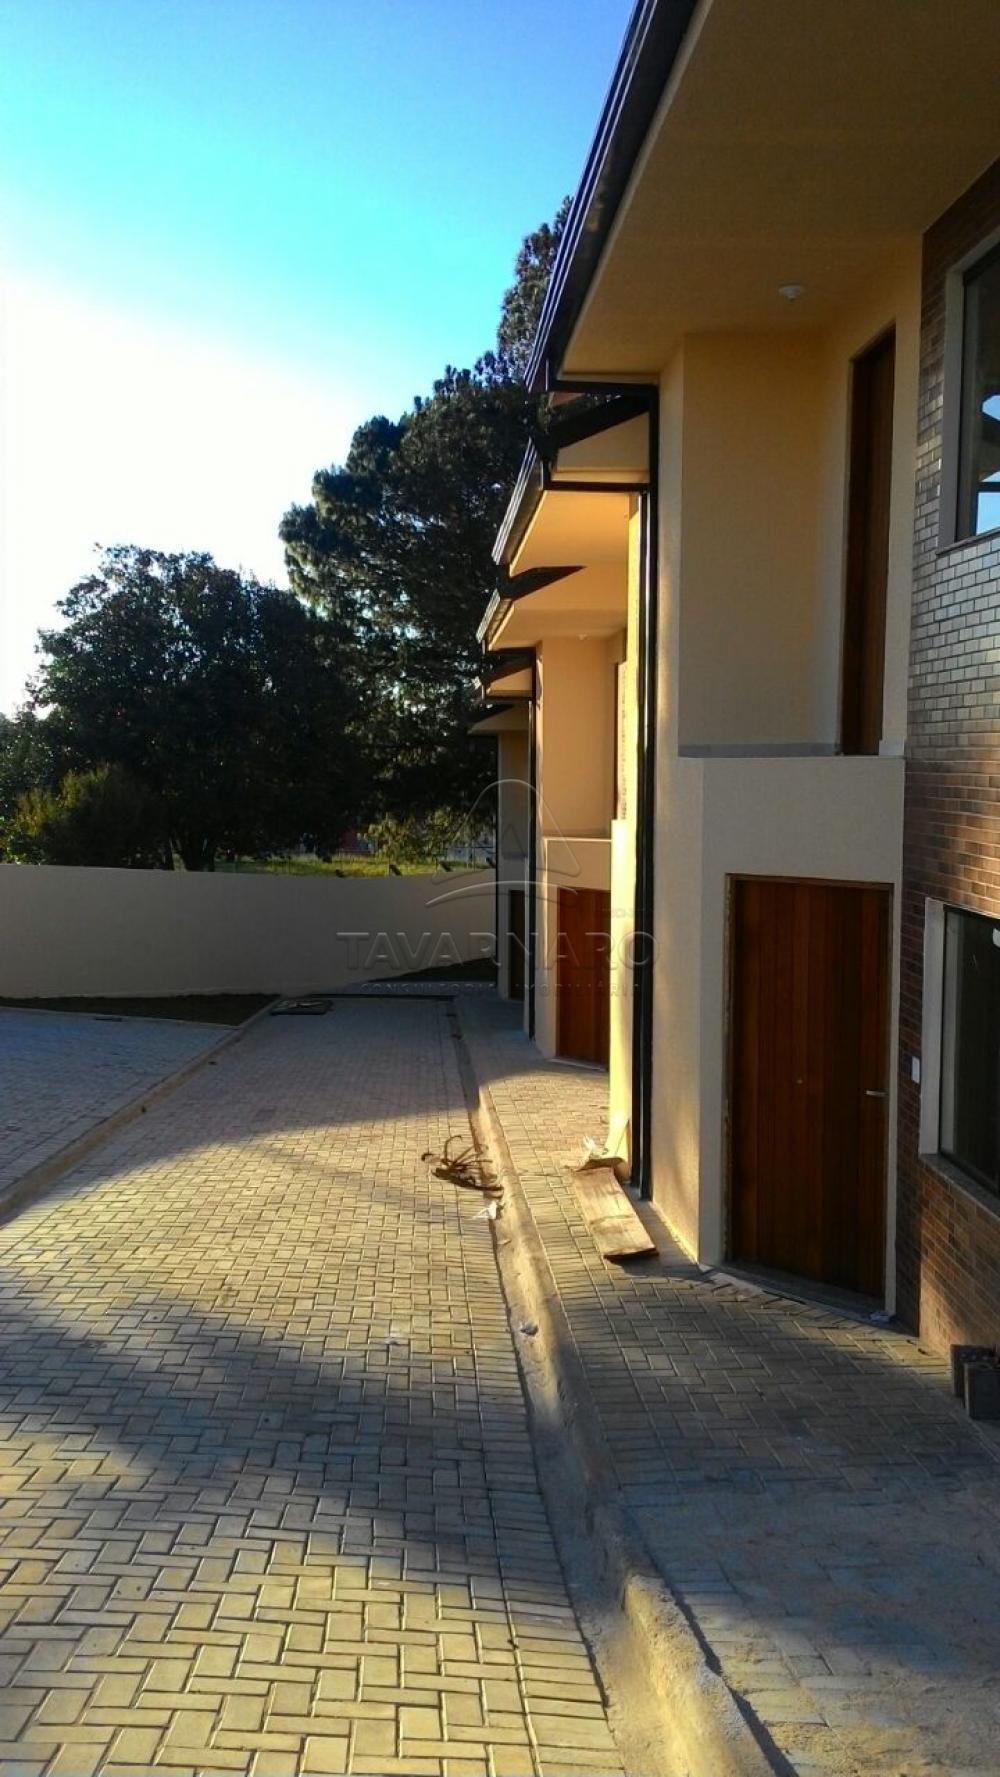 Comprar Casa / Sobrado em Ponta Grossa apenas R$ 135.000,00 - Foto 6